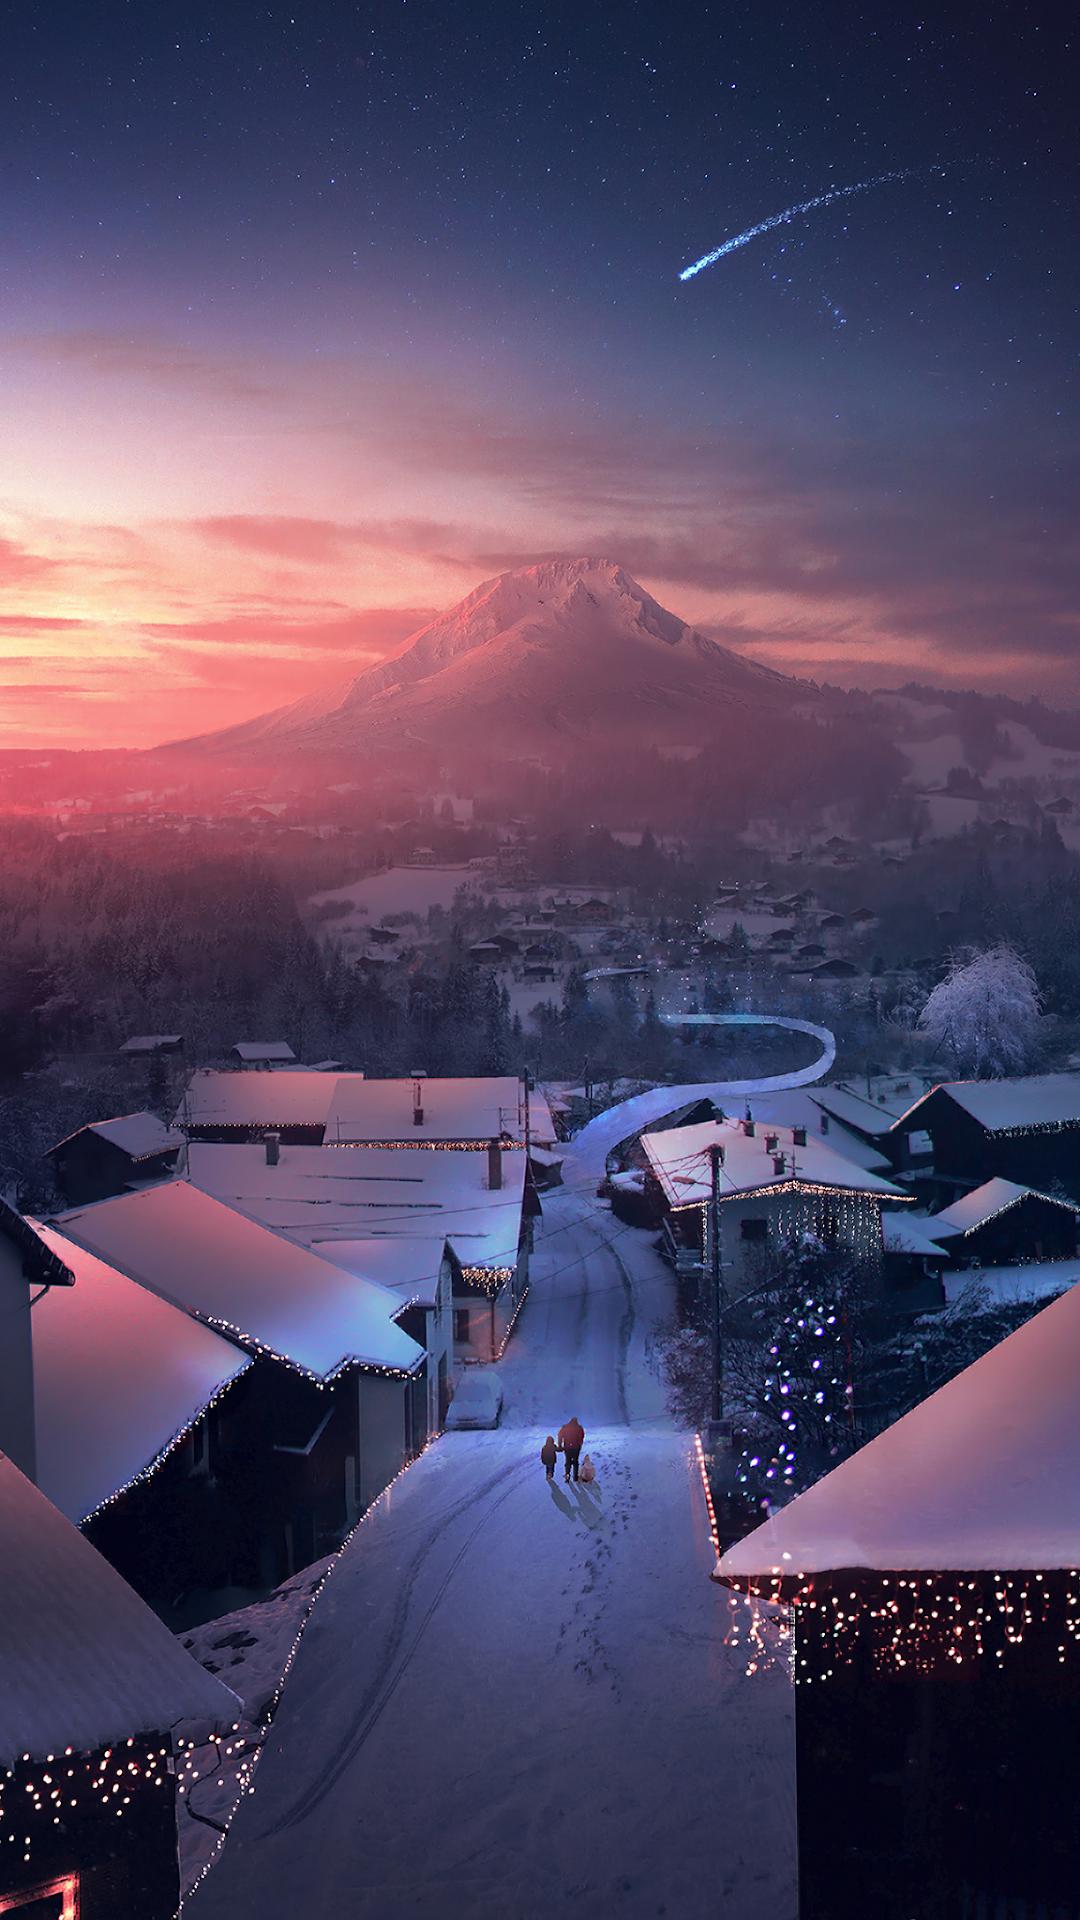 Christmas Night Mobile Wallpaper Lights Snow Anime Wallpaper Iphone Anime Wallpaper Android Wallpaper